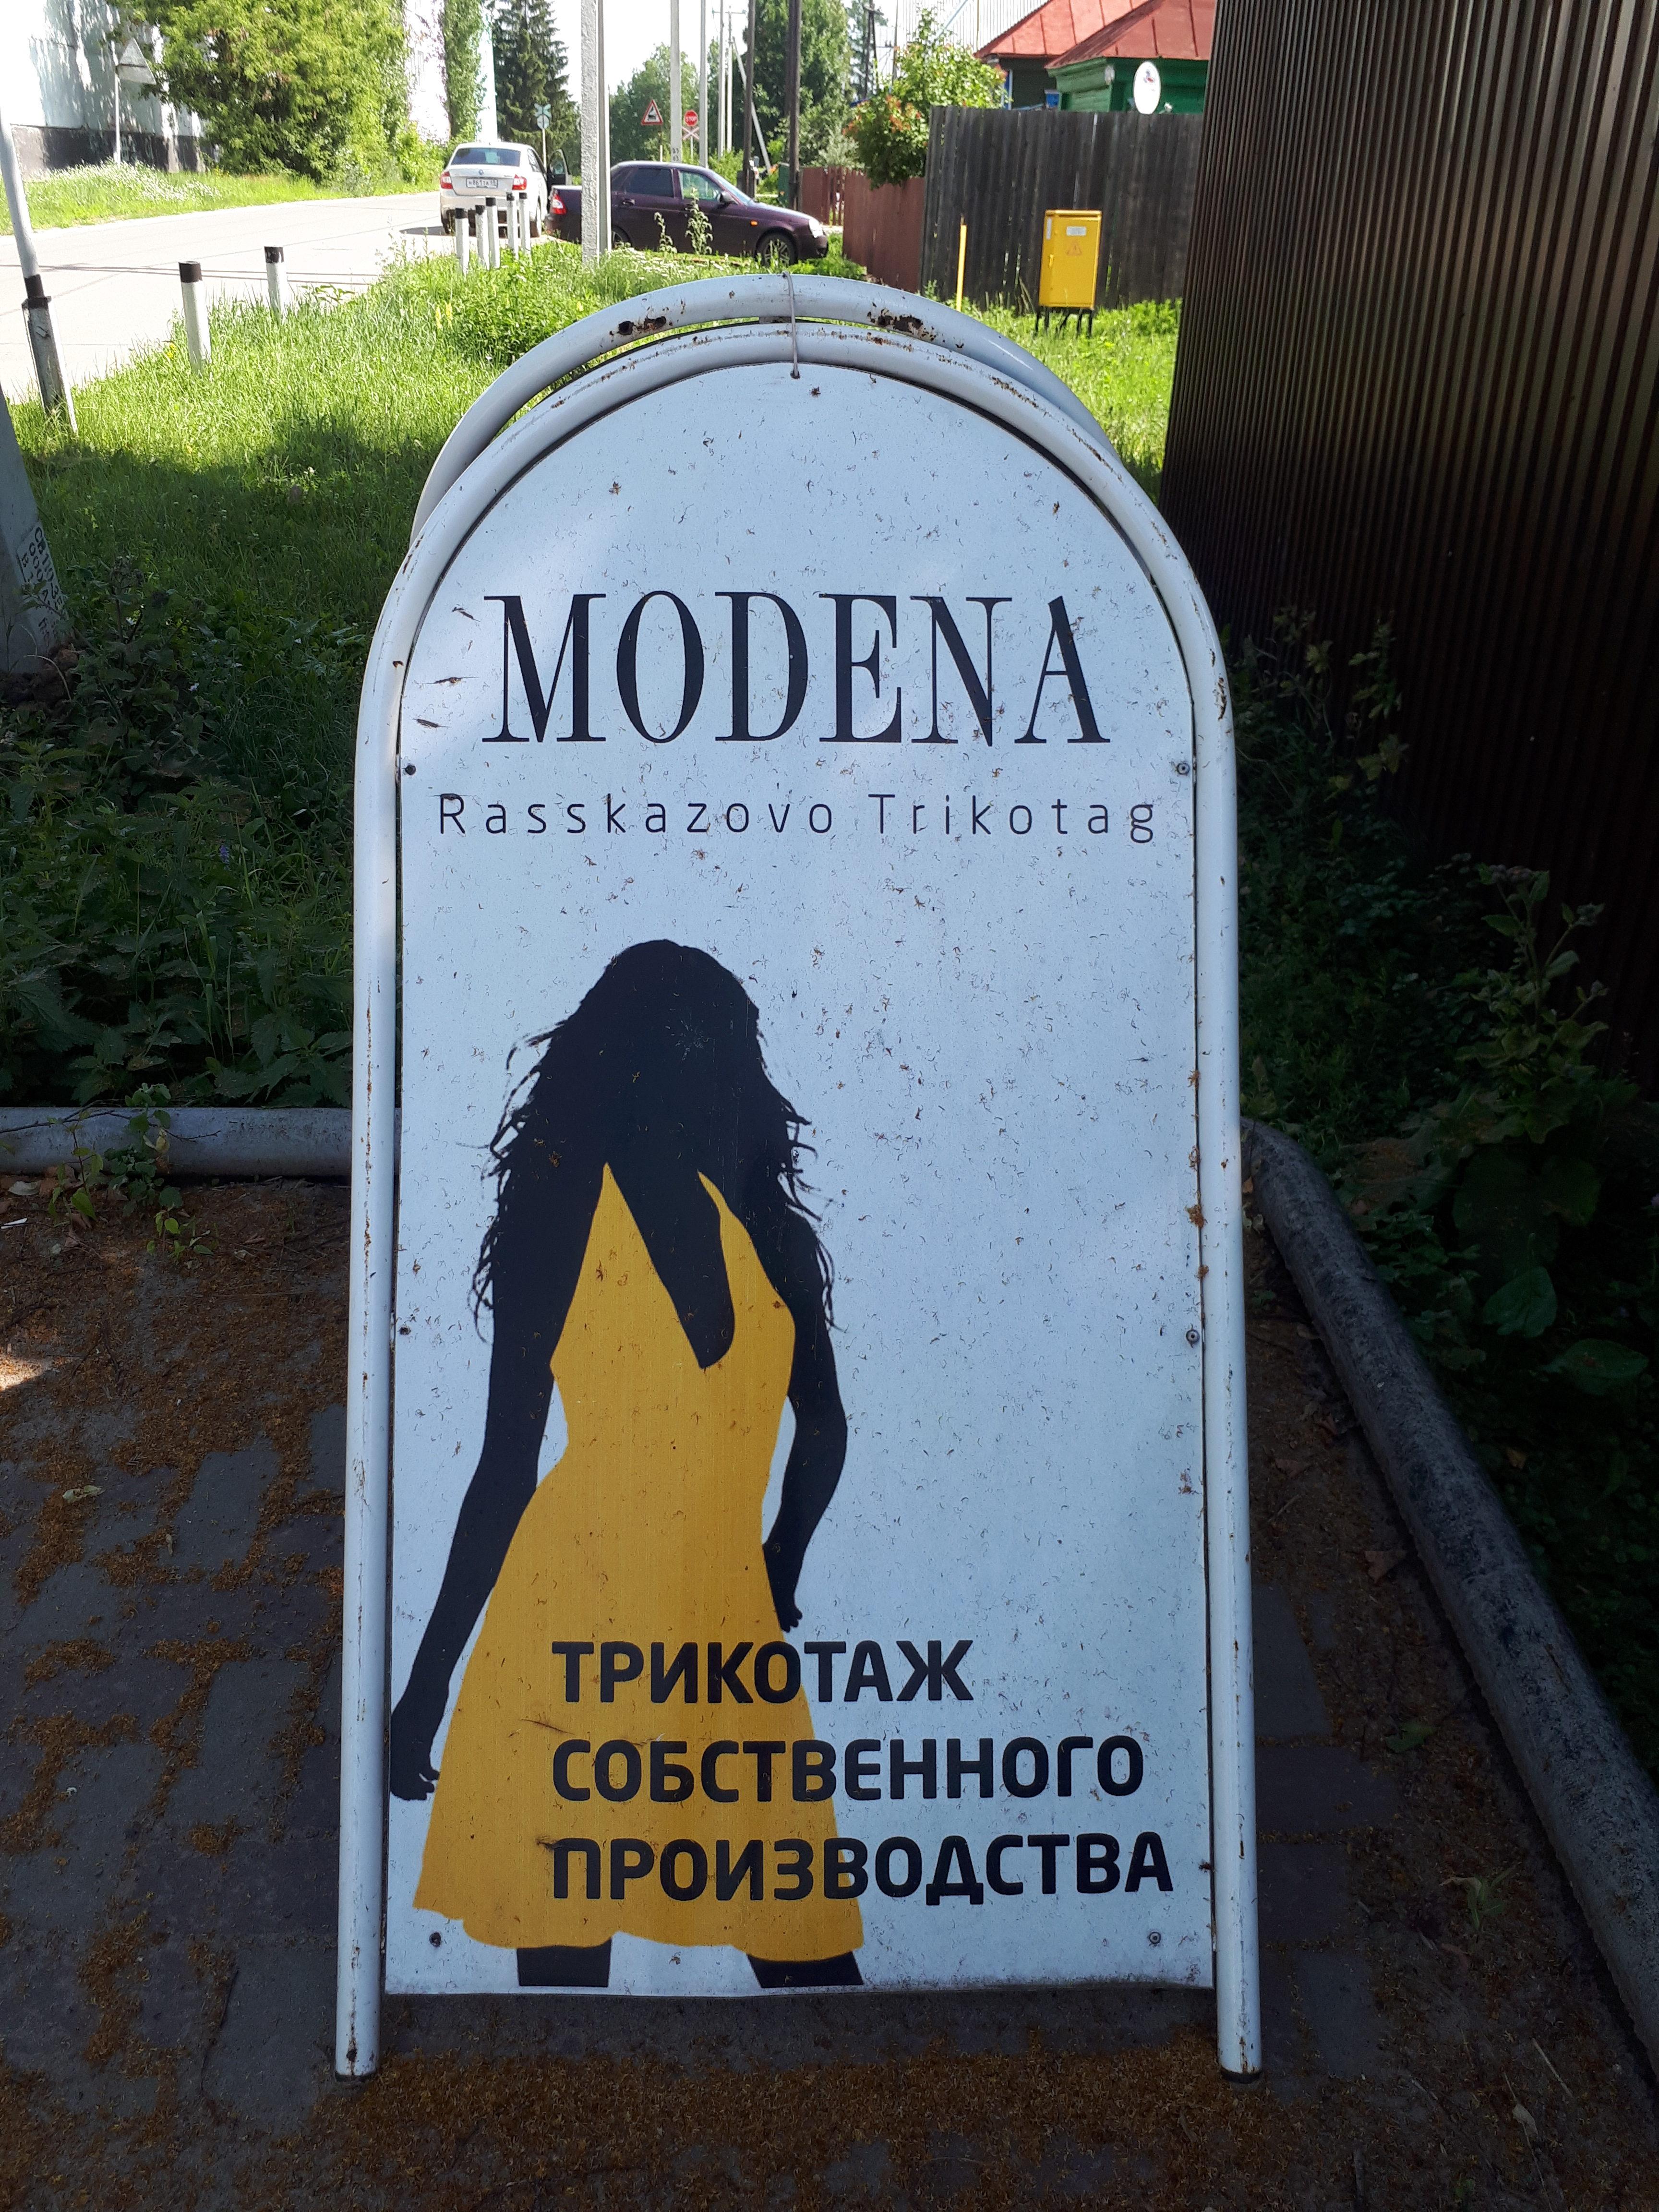 Модена Рассказово трикотаж от производителя